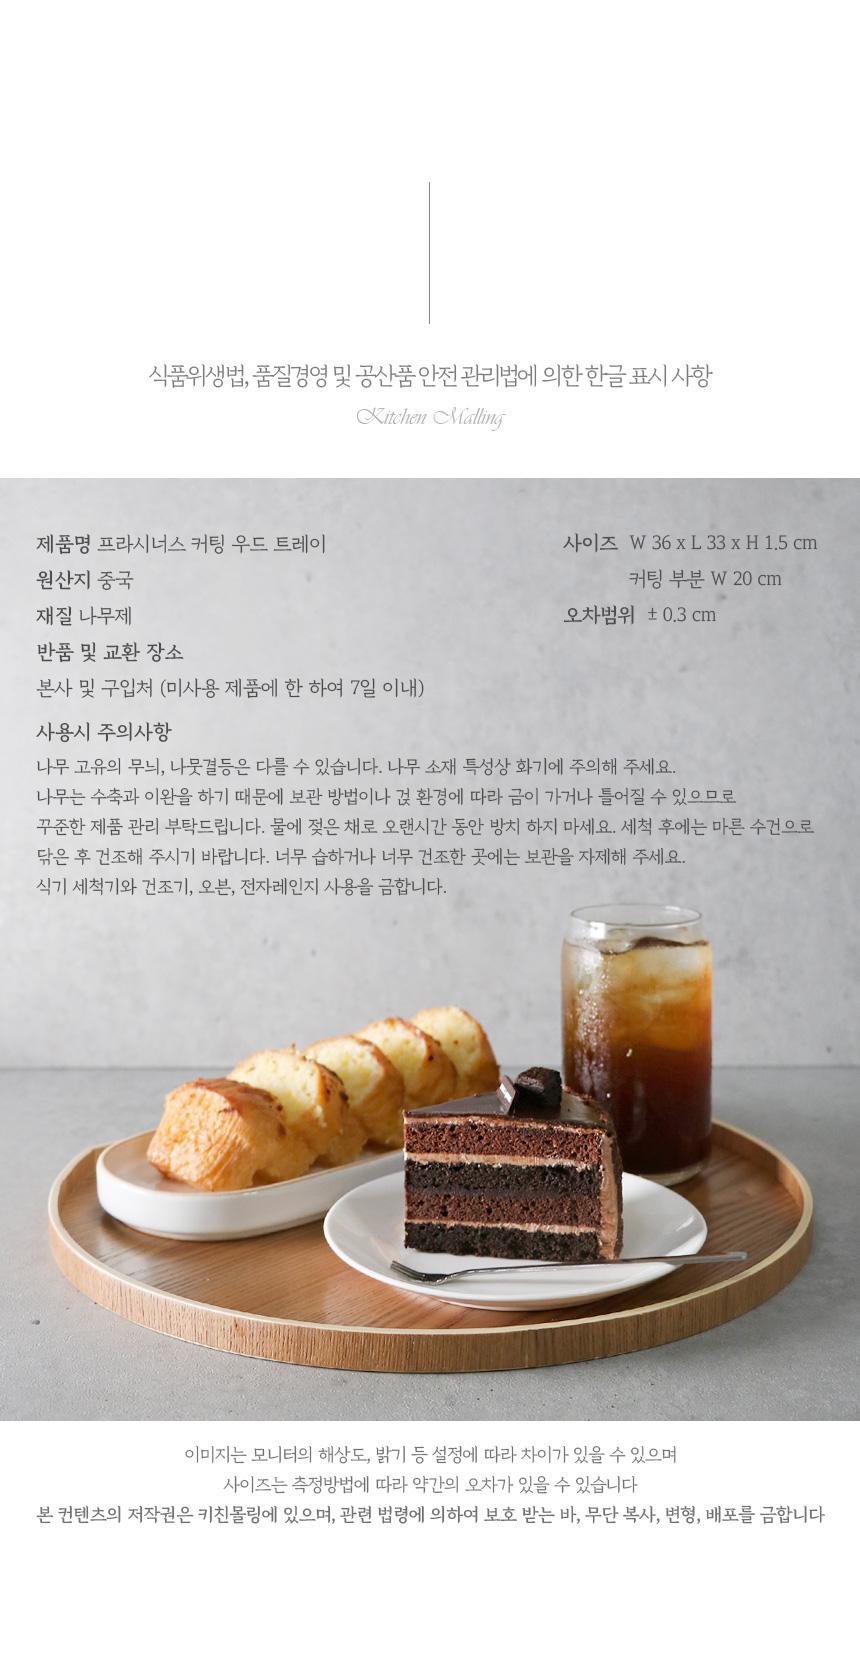 프라시너스 커팅 우드 트레이 - 키친몰링, 18,000원, 주방소품, 쟁반/트레이